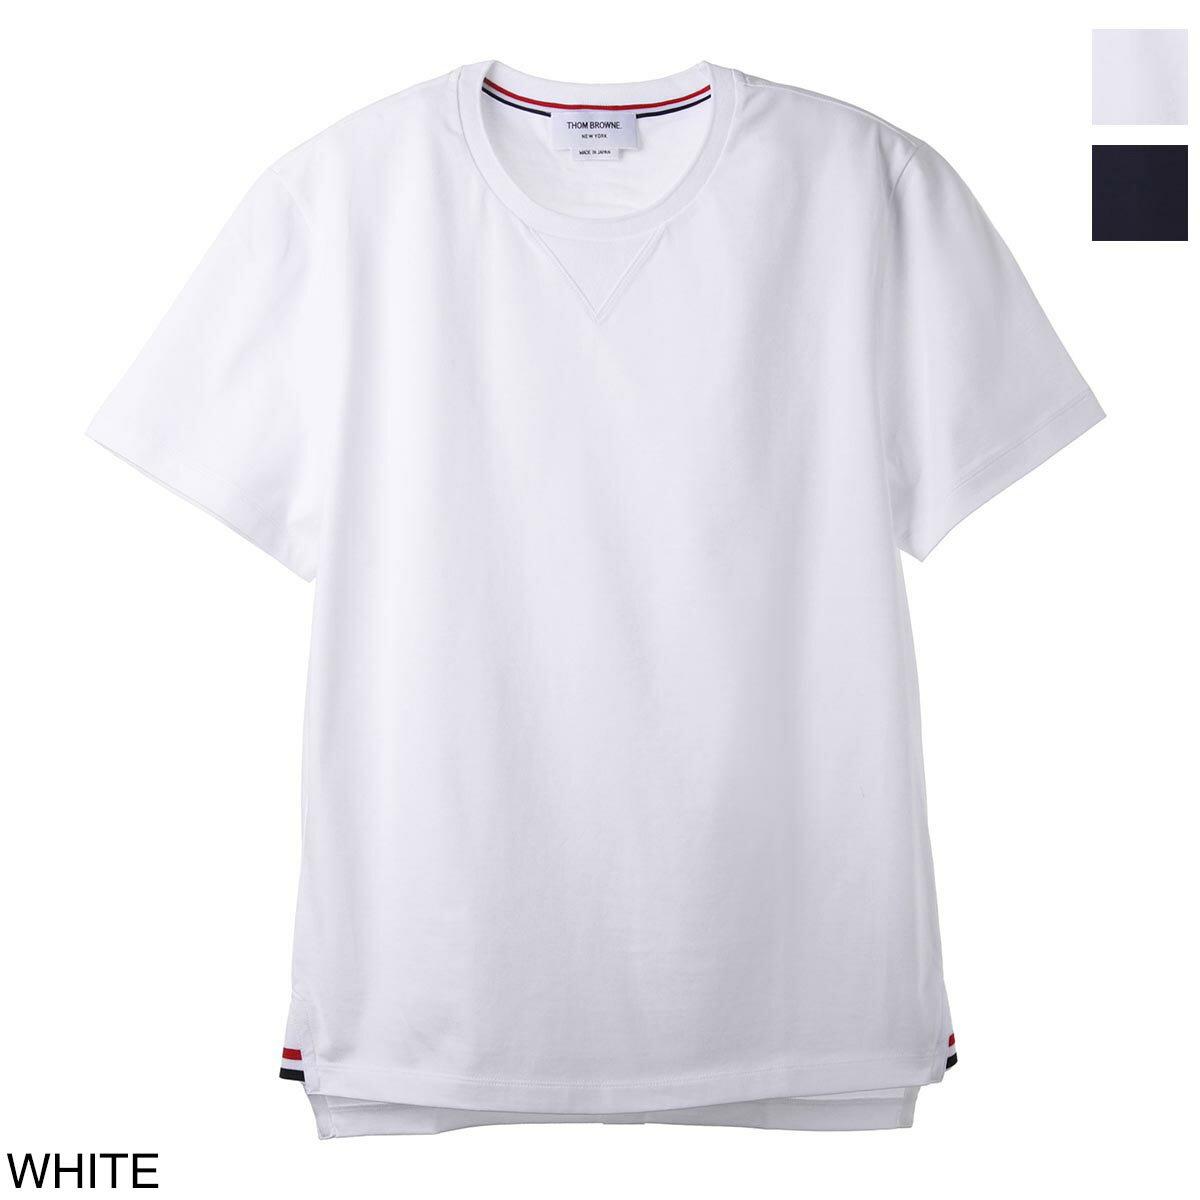 トップス, Tシャツ・カットソー  THOM BROWNE. T mjs143a 00042 100